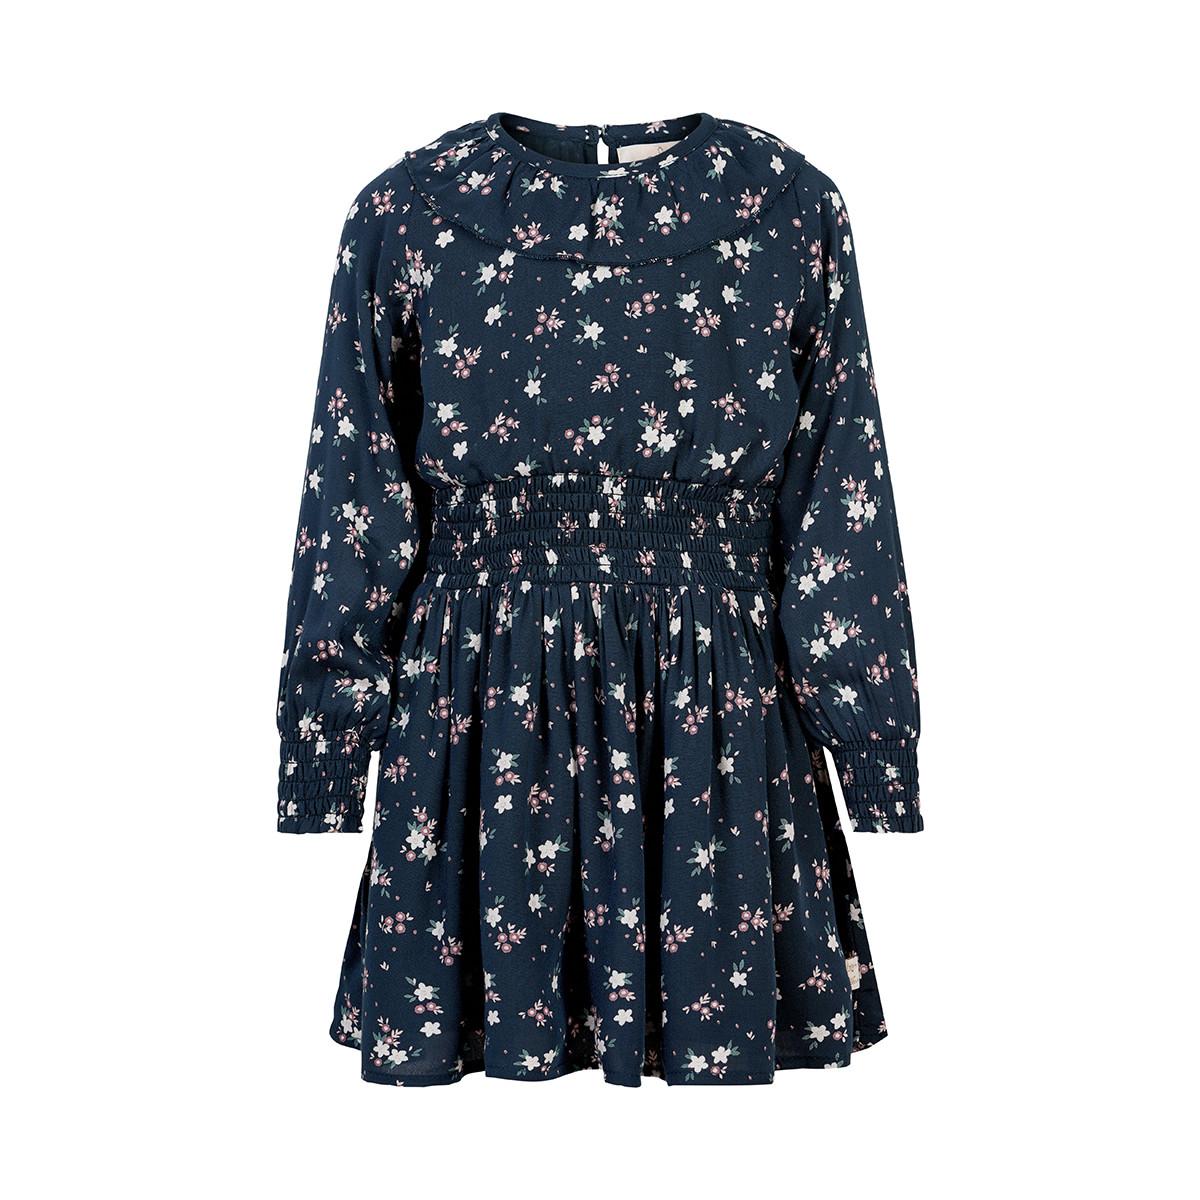 Creamie   Dress   12m-6y   840254-7850